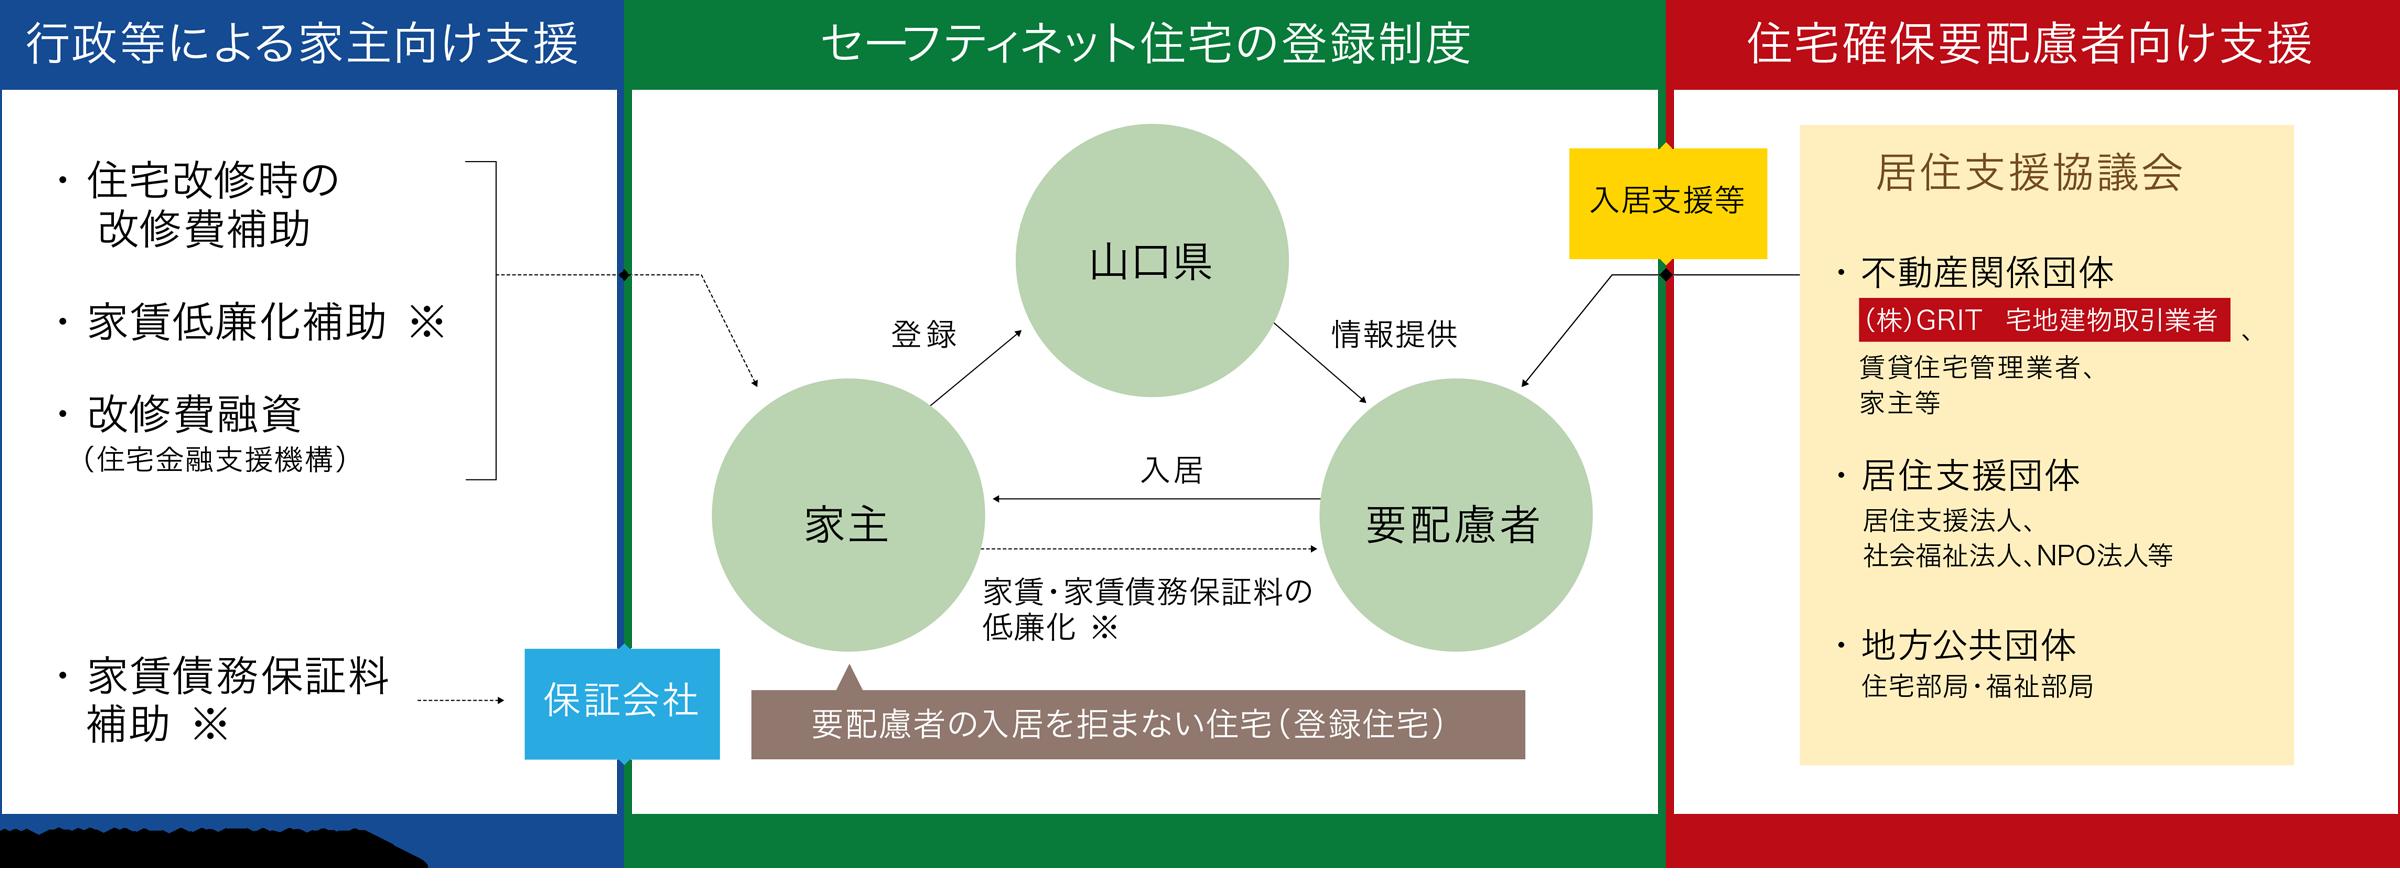 住宅セーフティネット制度の連携